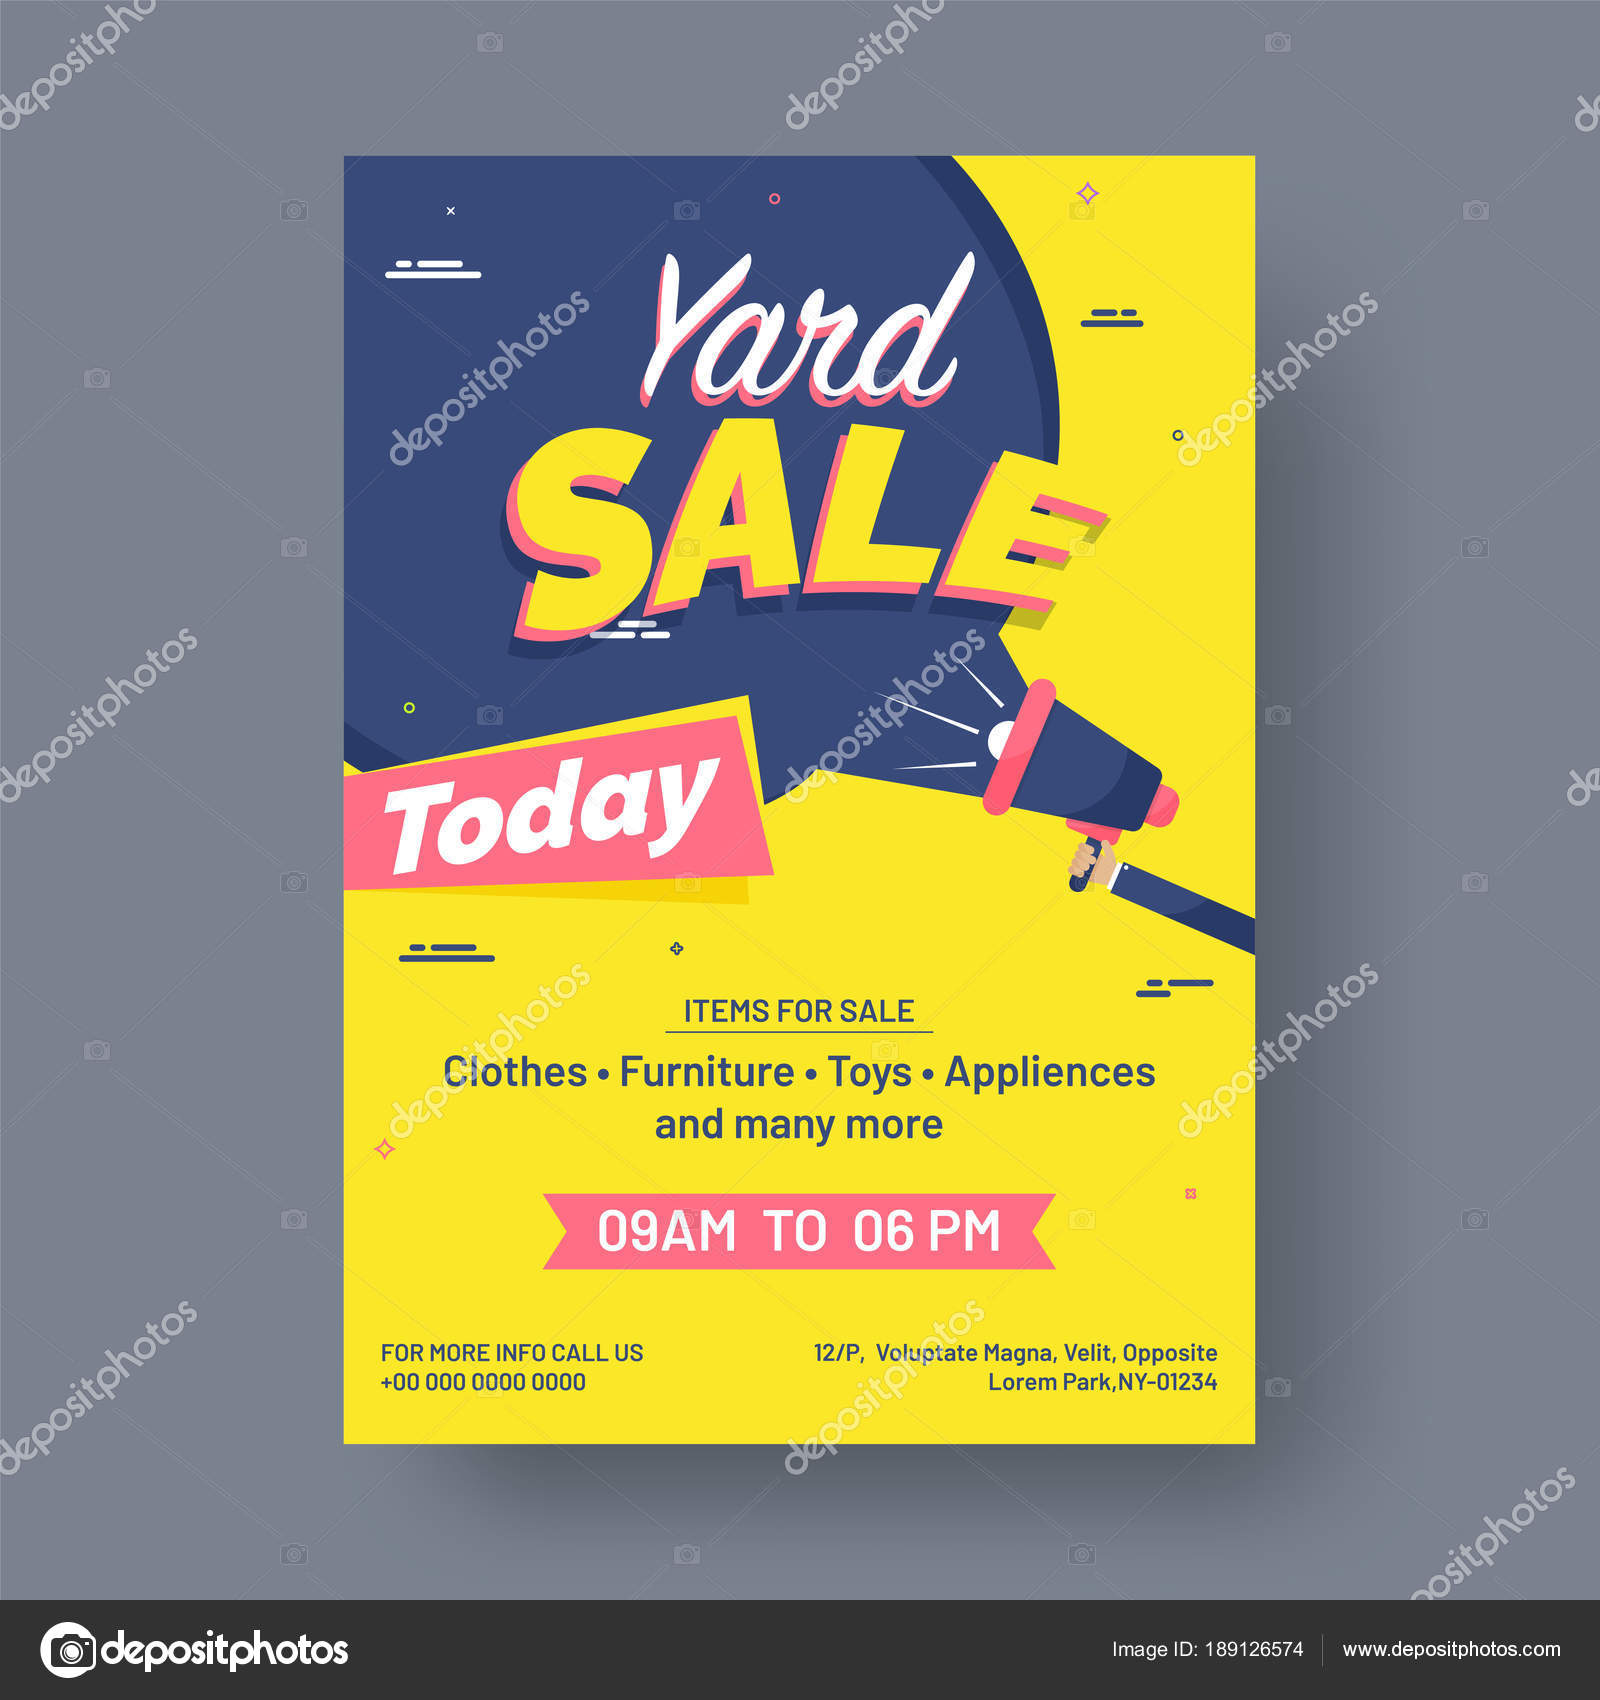 Garage oder Hof verkaufen Event Ankündigung druckbare Poster oder ...